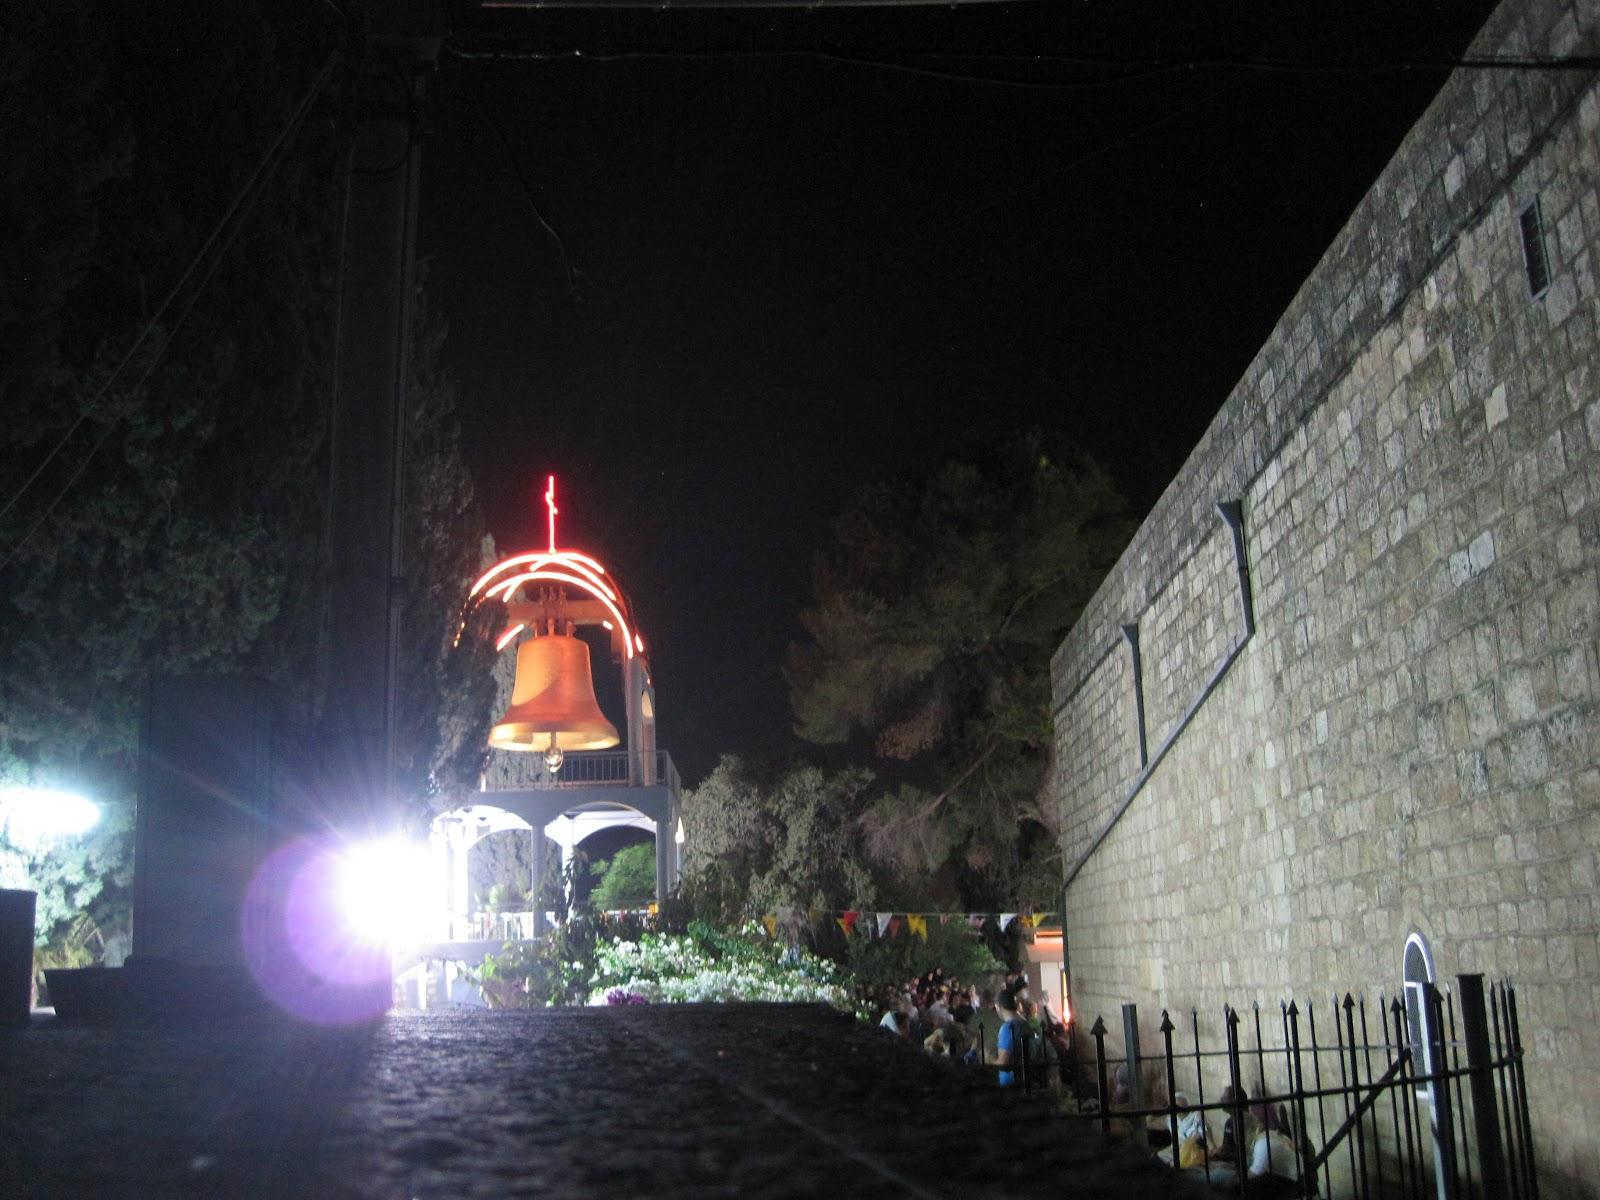 Το θαύμα στο όρος Θαβώρ την ημέρα της Μεταμόρφωσης του Σωτήρος ...